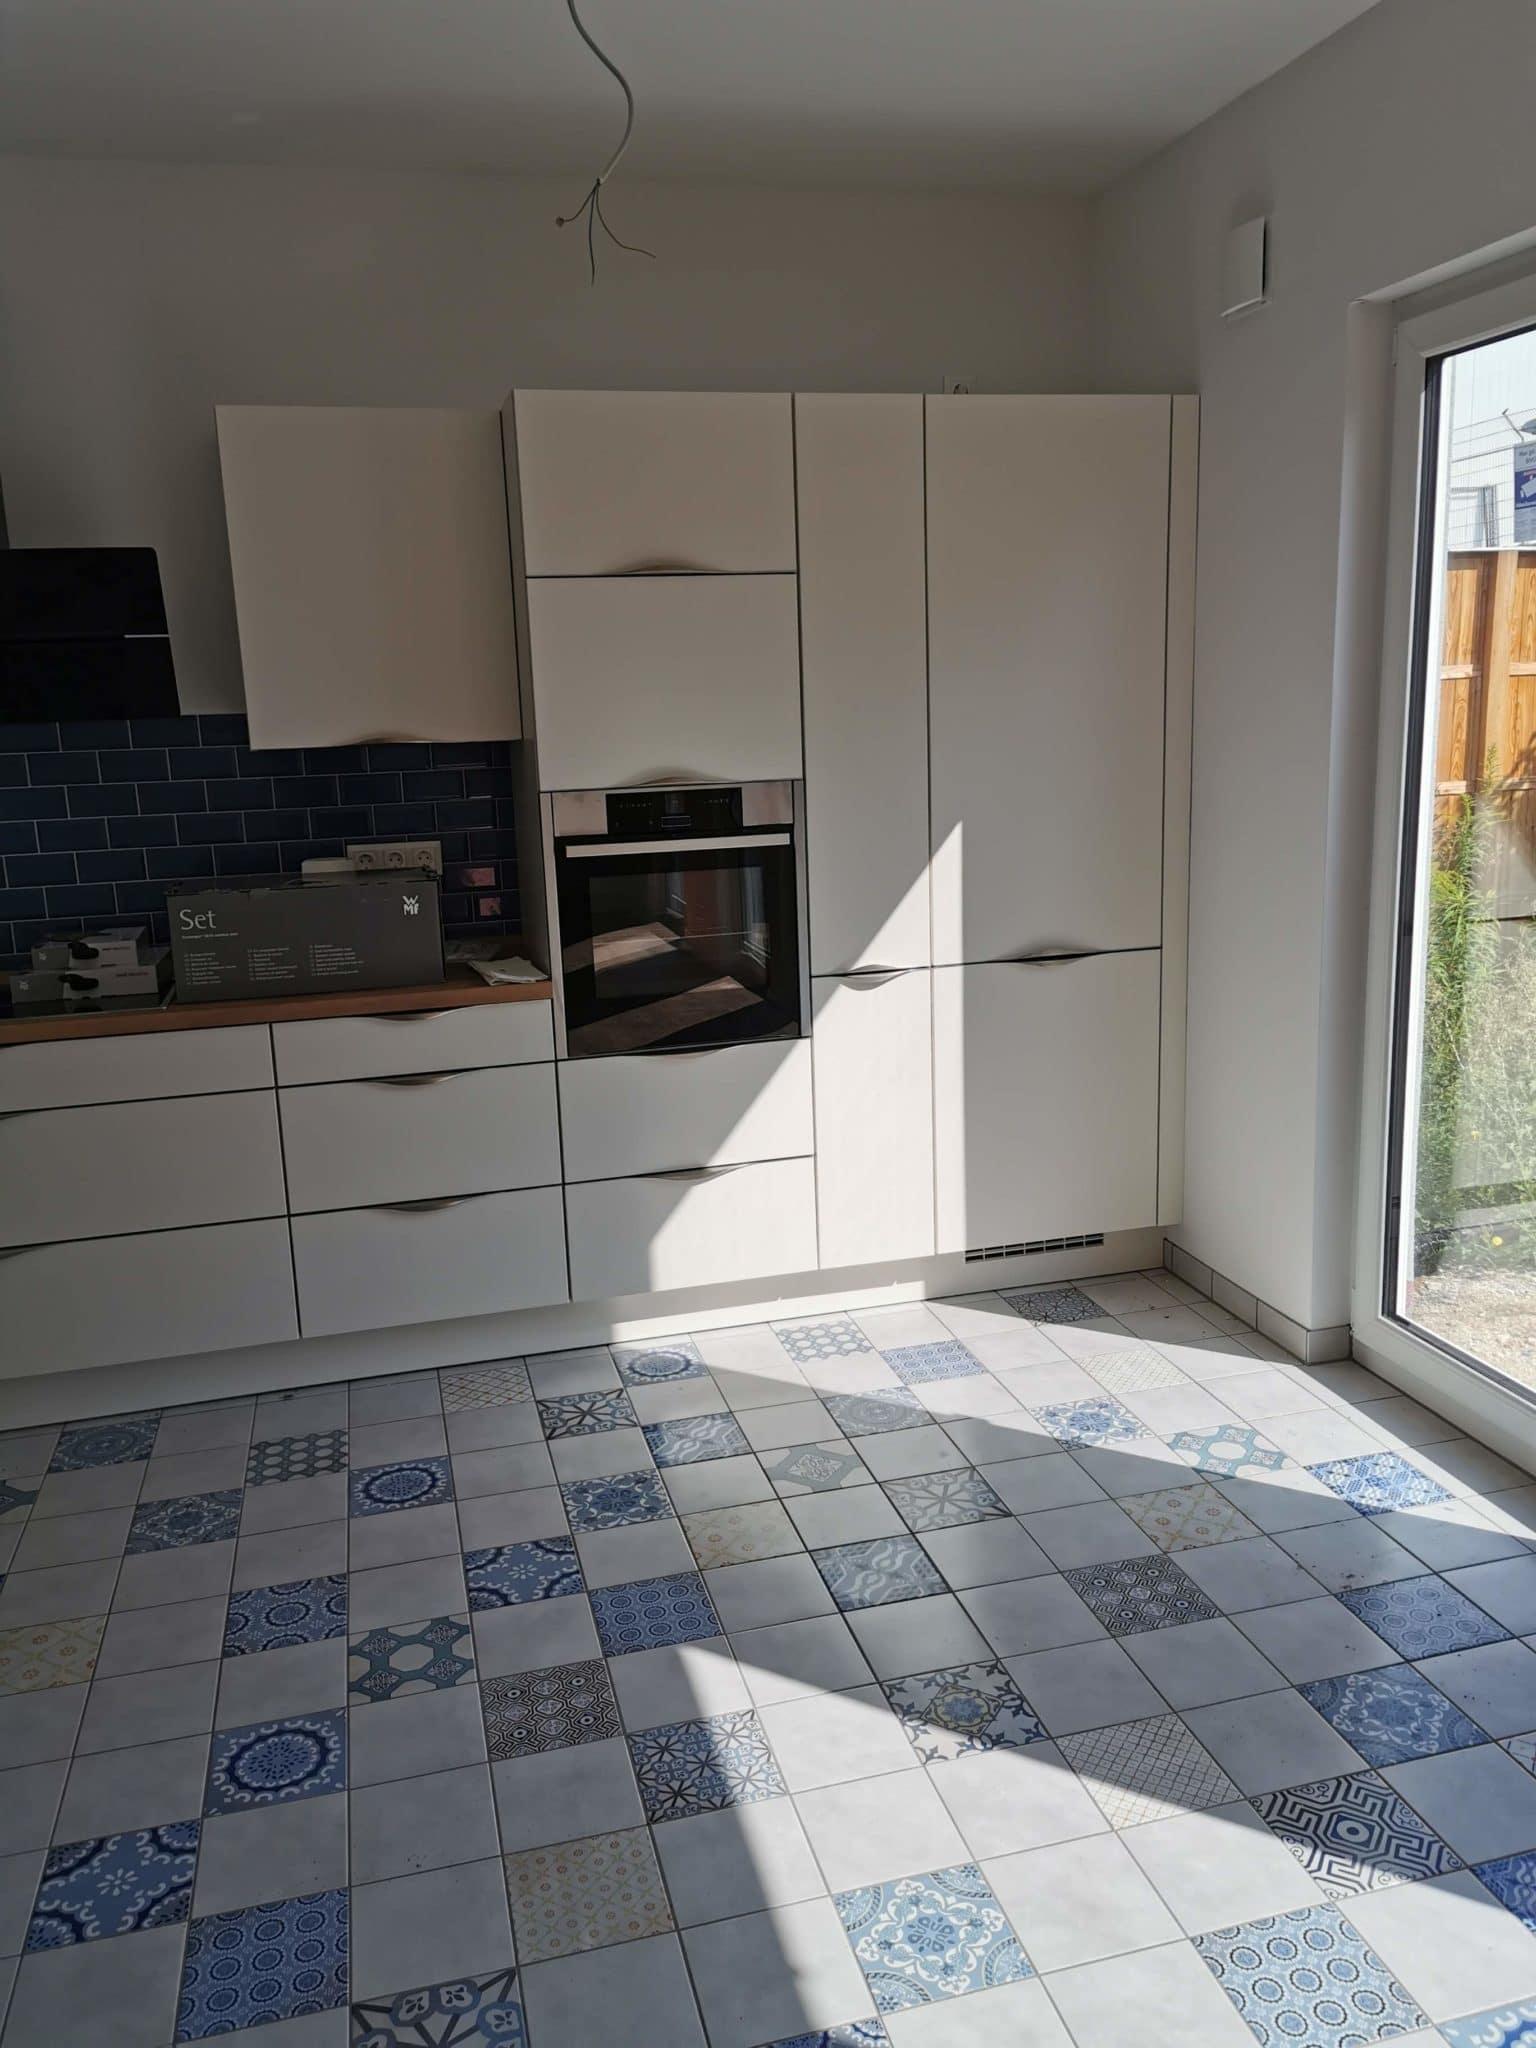 Hausbau mit Kindern_Wochenende_grossekoepfe.de